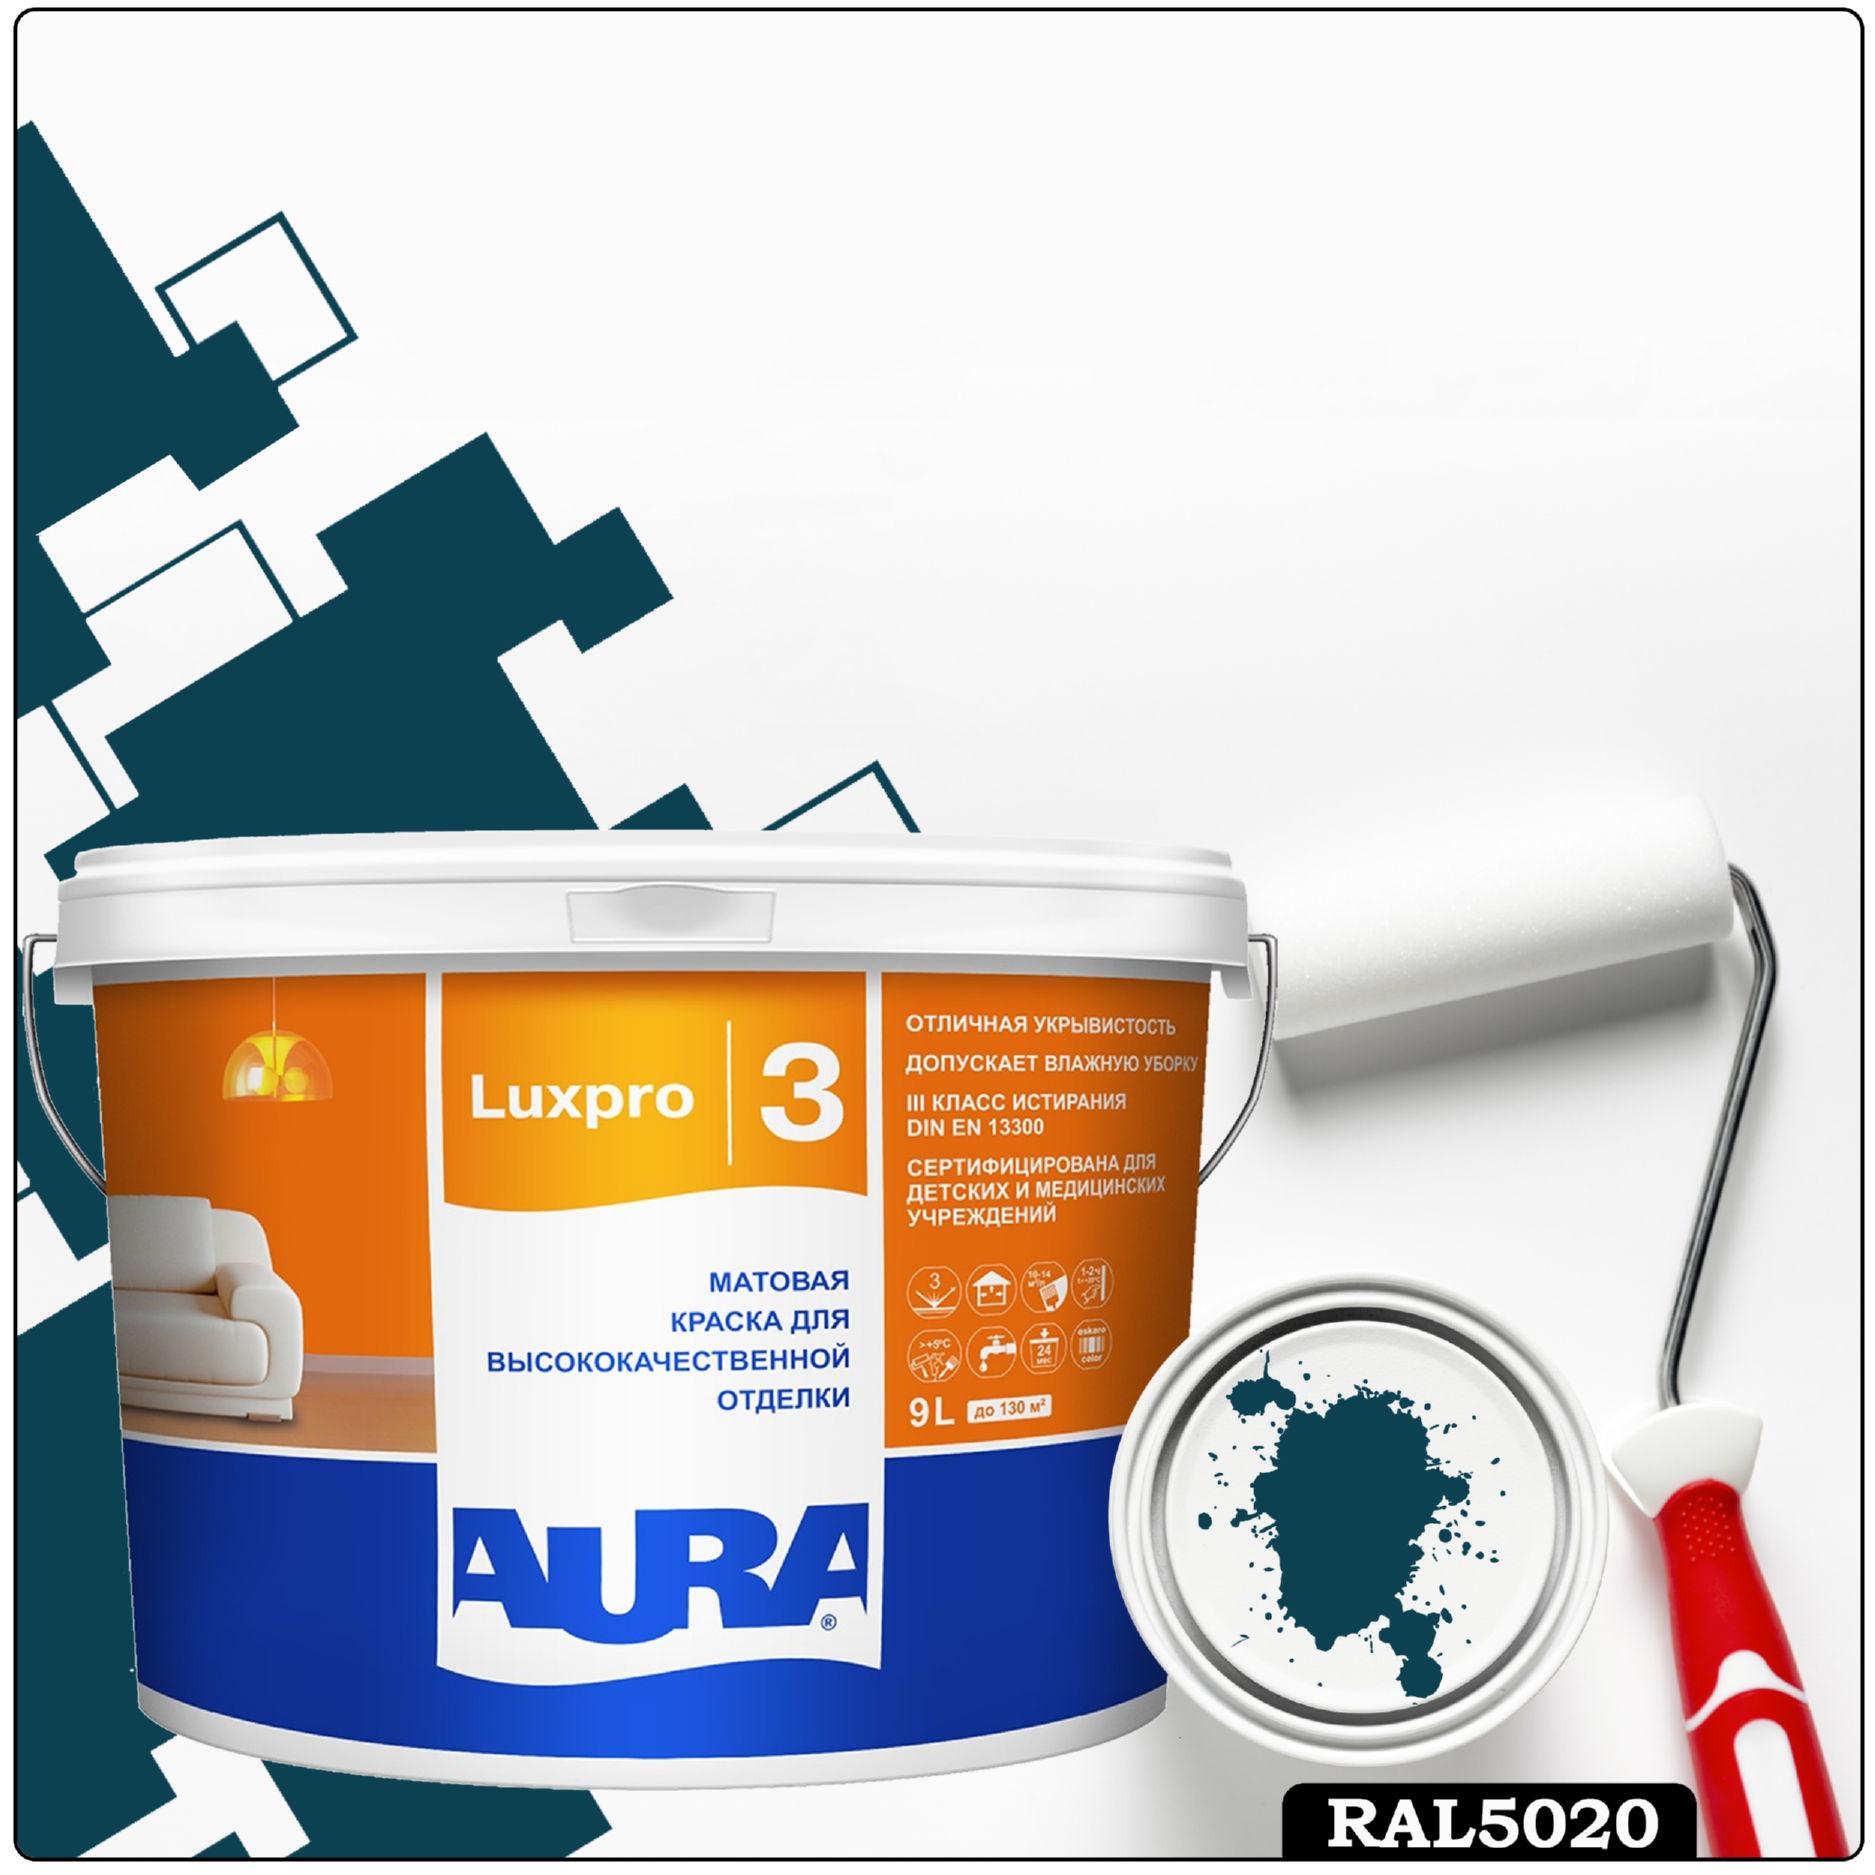 Фото 2 - Краска Aura LuxPRO 3, RAL 5020 Океанская синь, латексная, шелково-матовая, интерьерная, 9л, Аура.